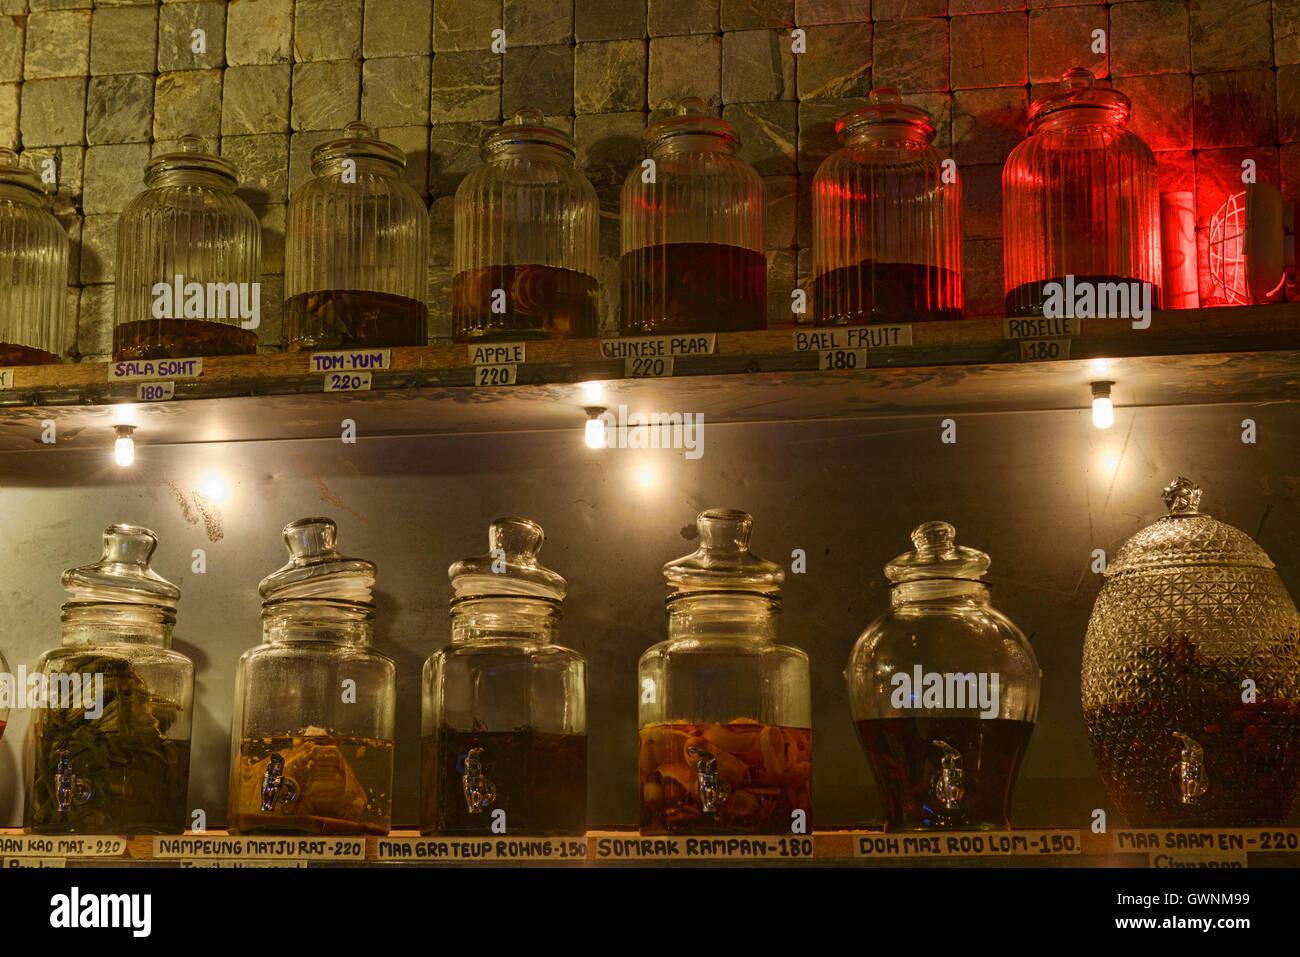 Frascos de ya dong (Tailandés alcoholes blancos con hierbas medicinales) en un bar en Bangkok, Tailandia Imagen De Stock